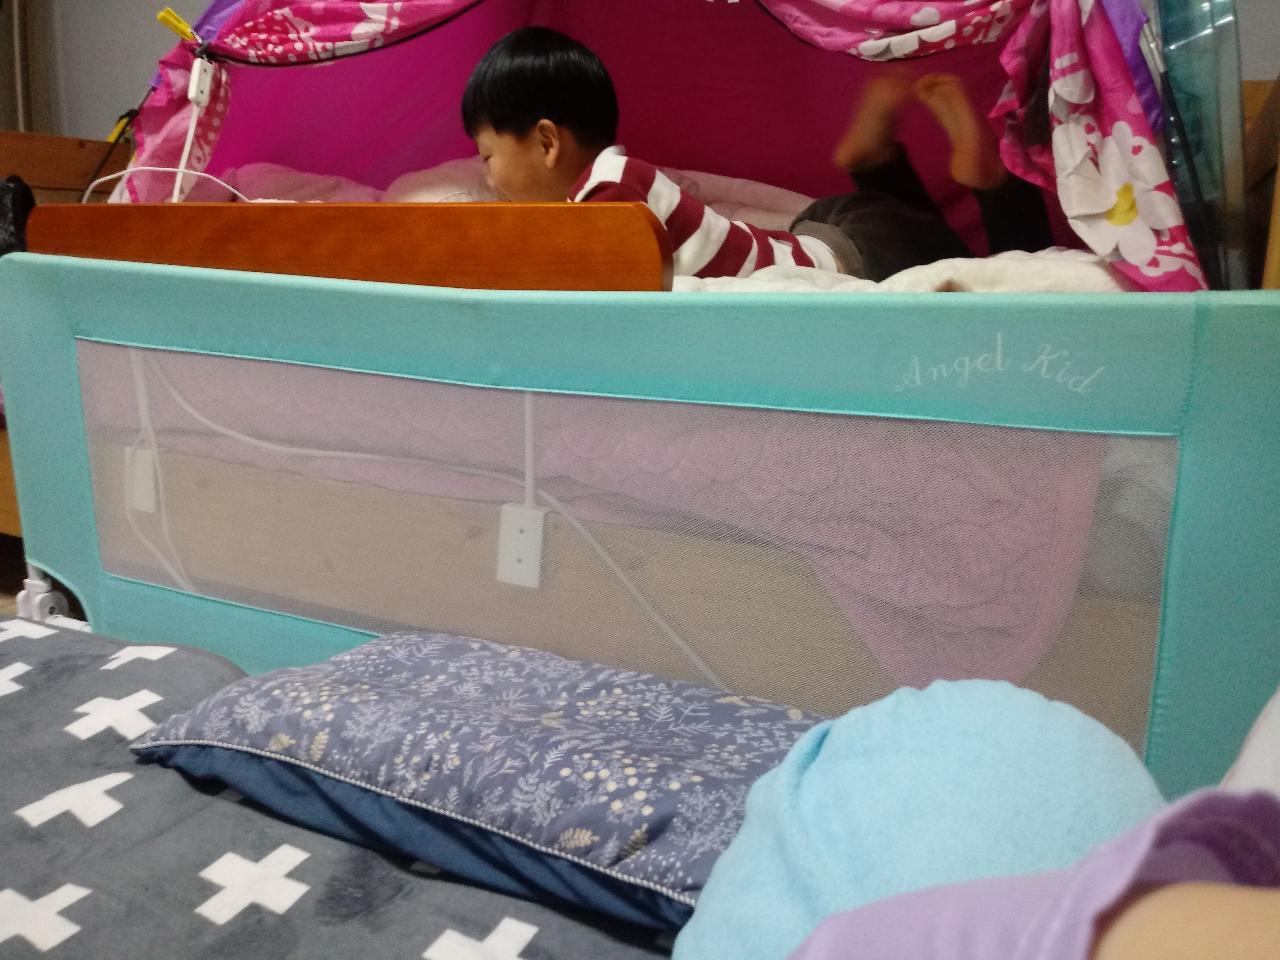 [나눔]침대에서 떨어지면 위험!침대가드